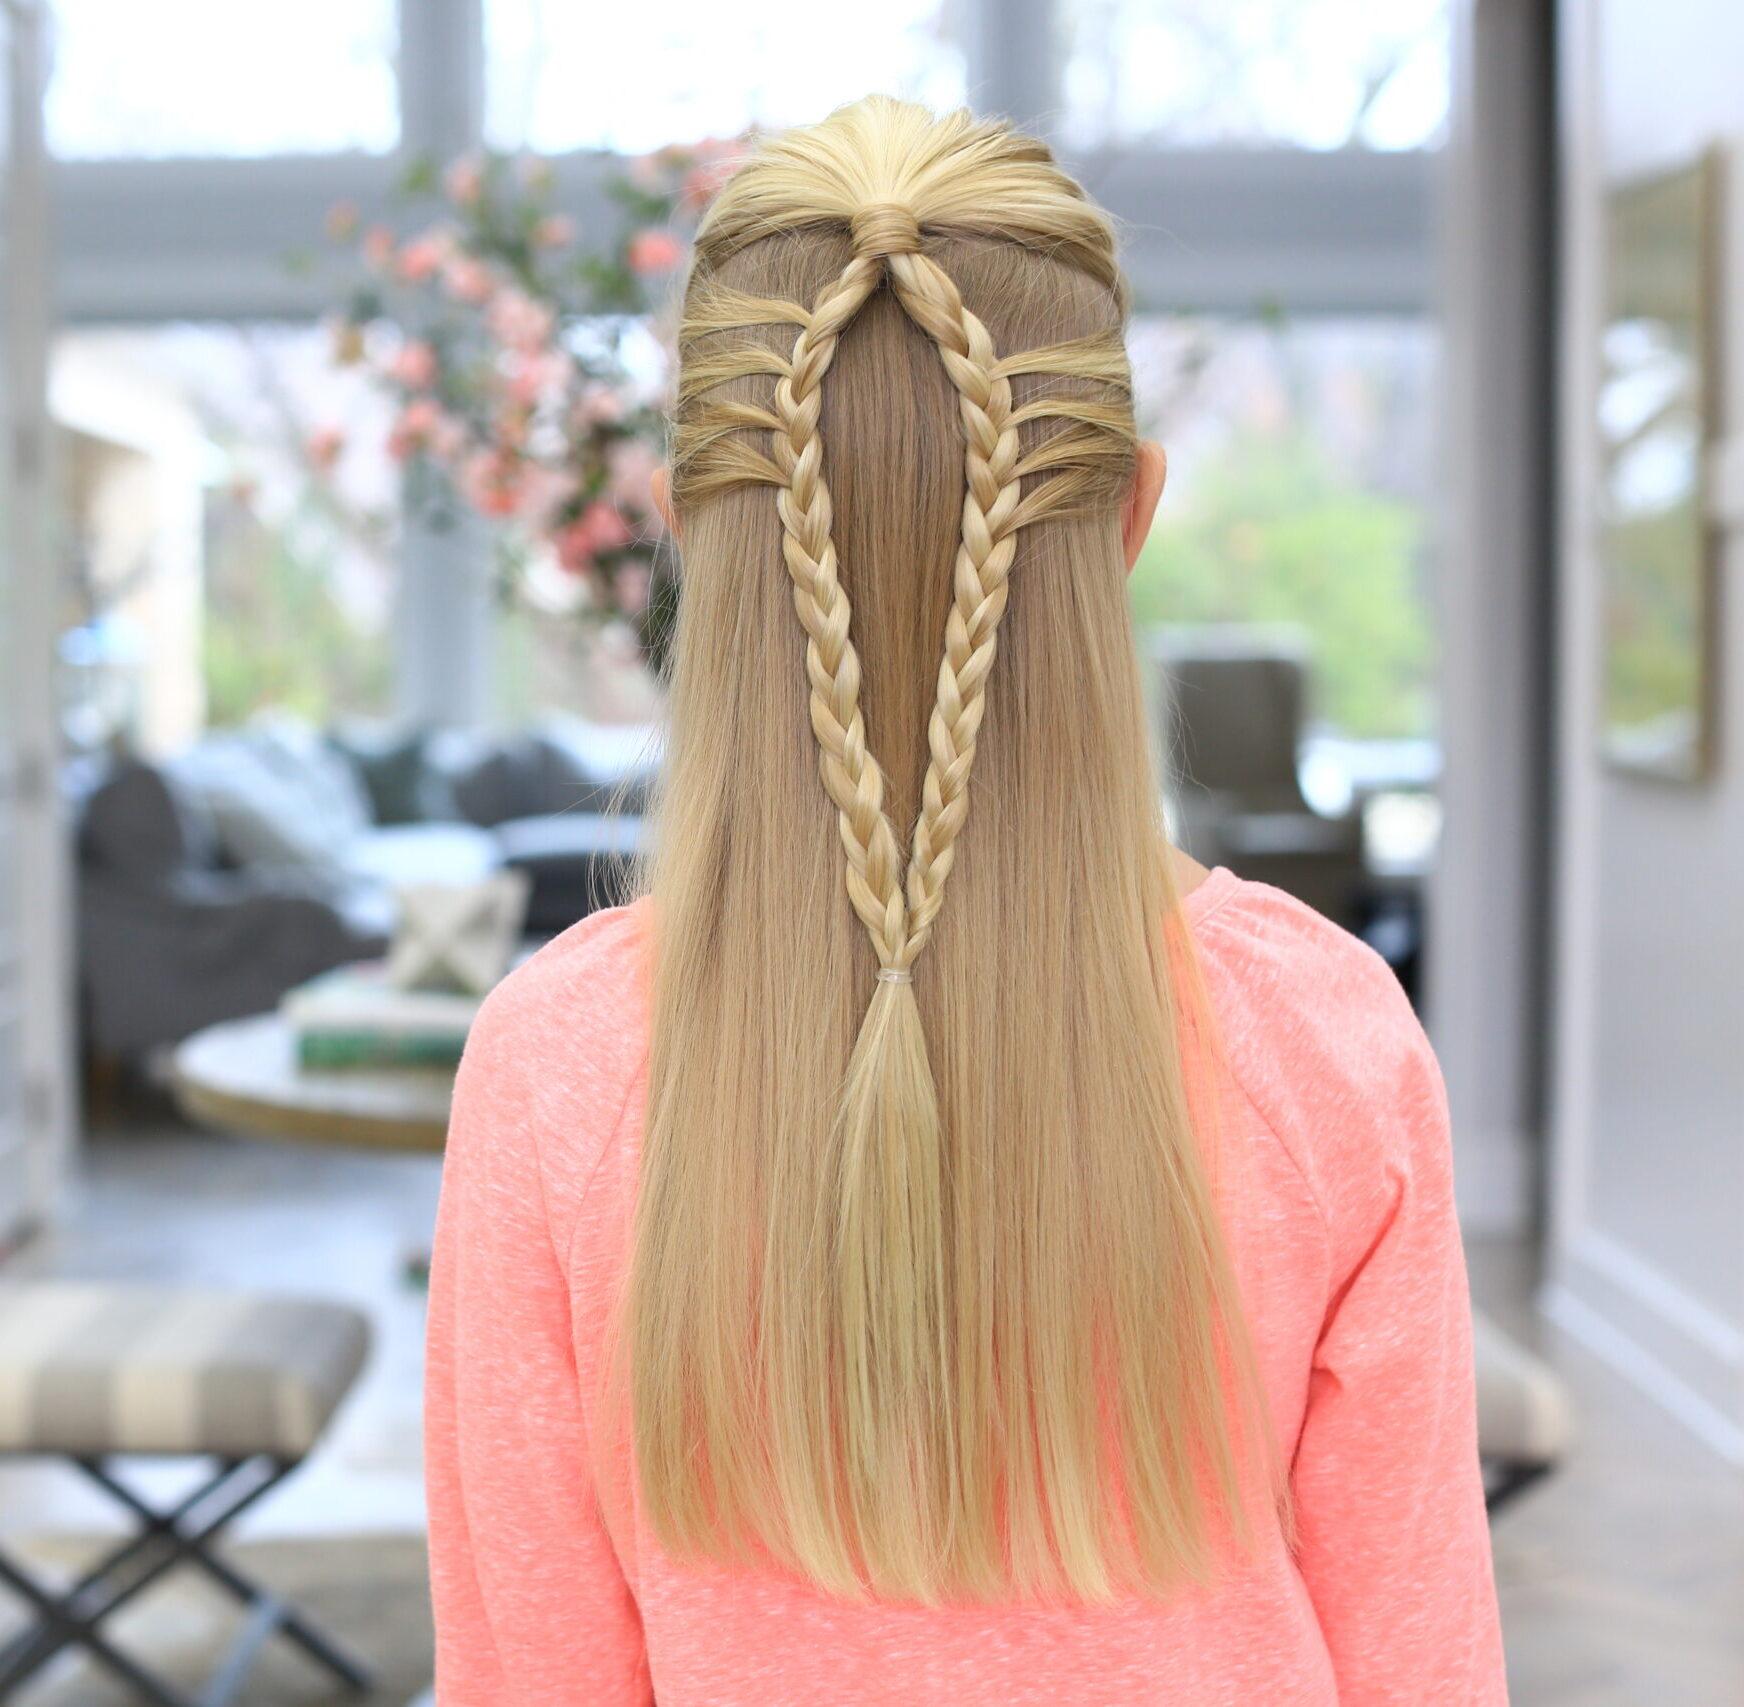 Mermaid Loop Braid | Easy Braided Hairstyles - Cute Girls